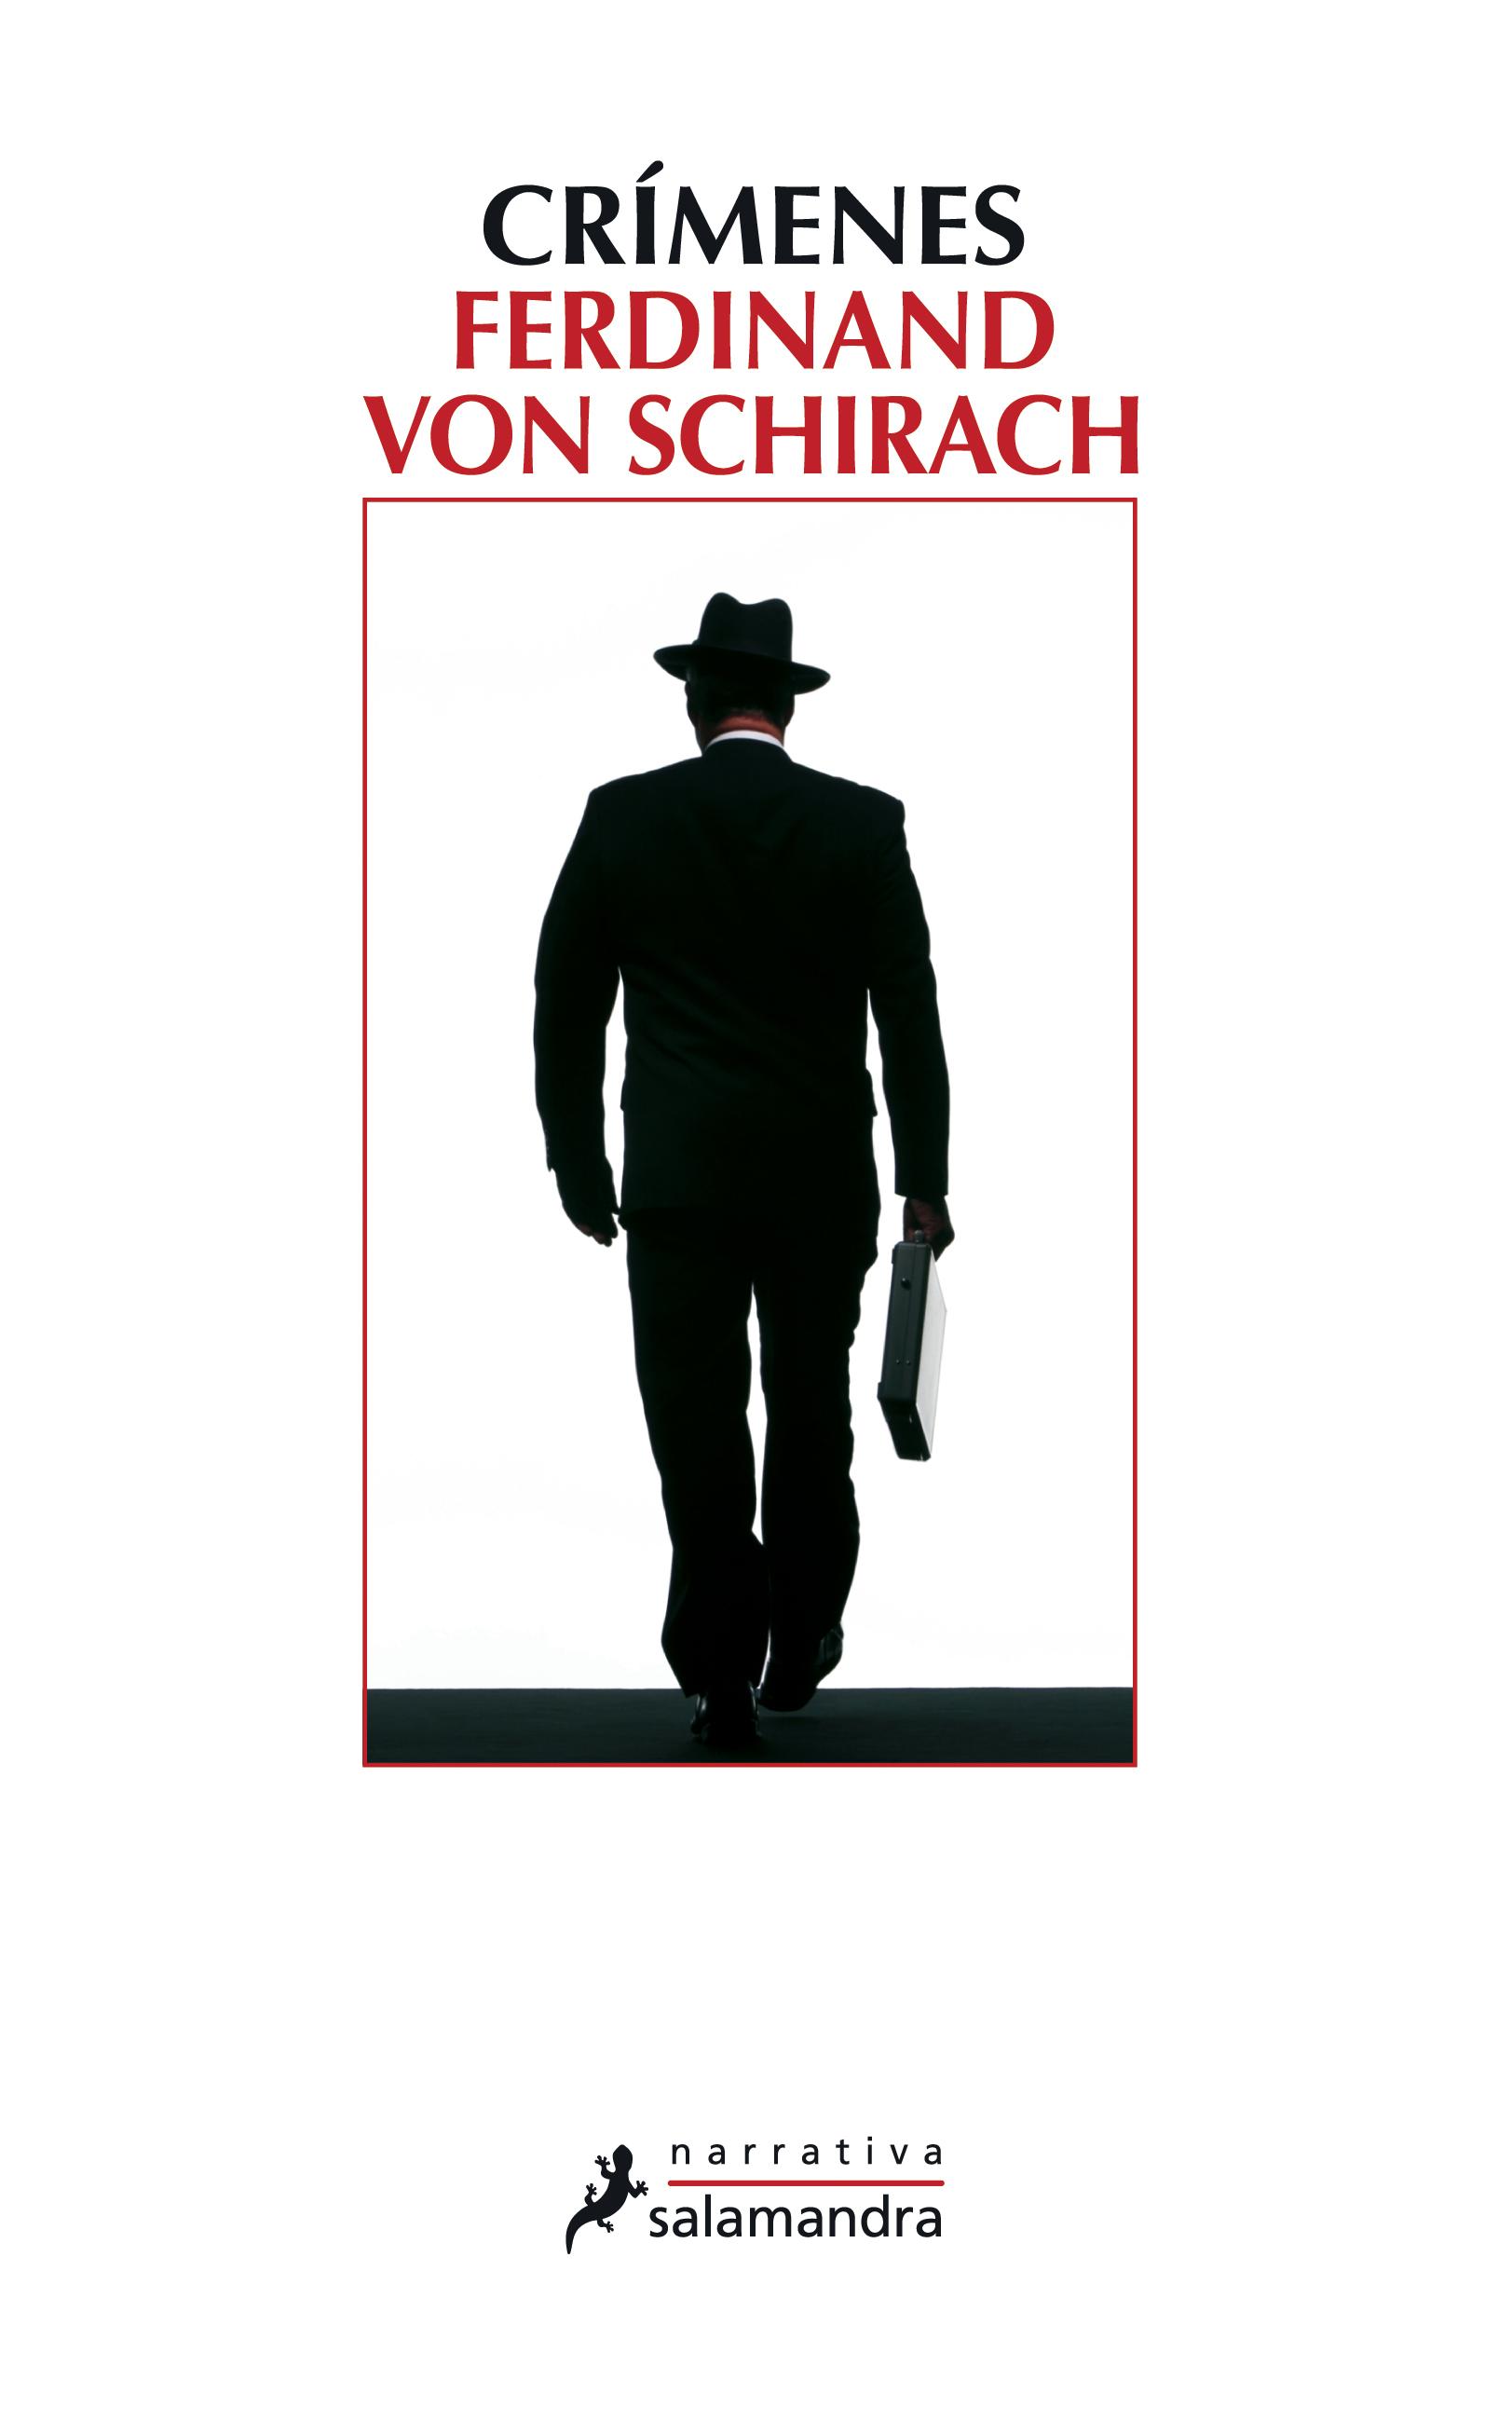 Literatura de cloaca, novelistas malditos (Bunker, Crews, Pollock...) - Página 6 Crimenes-135x220-300-rgb